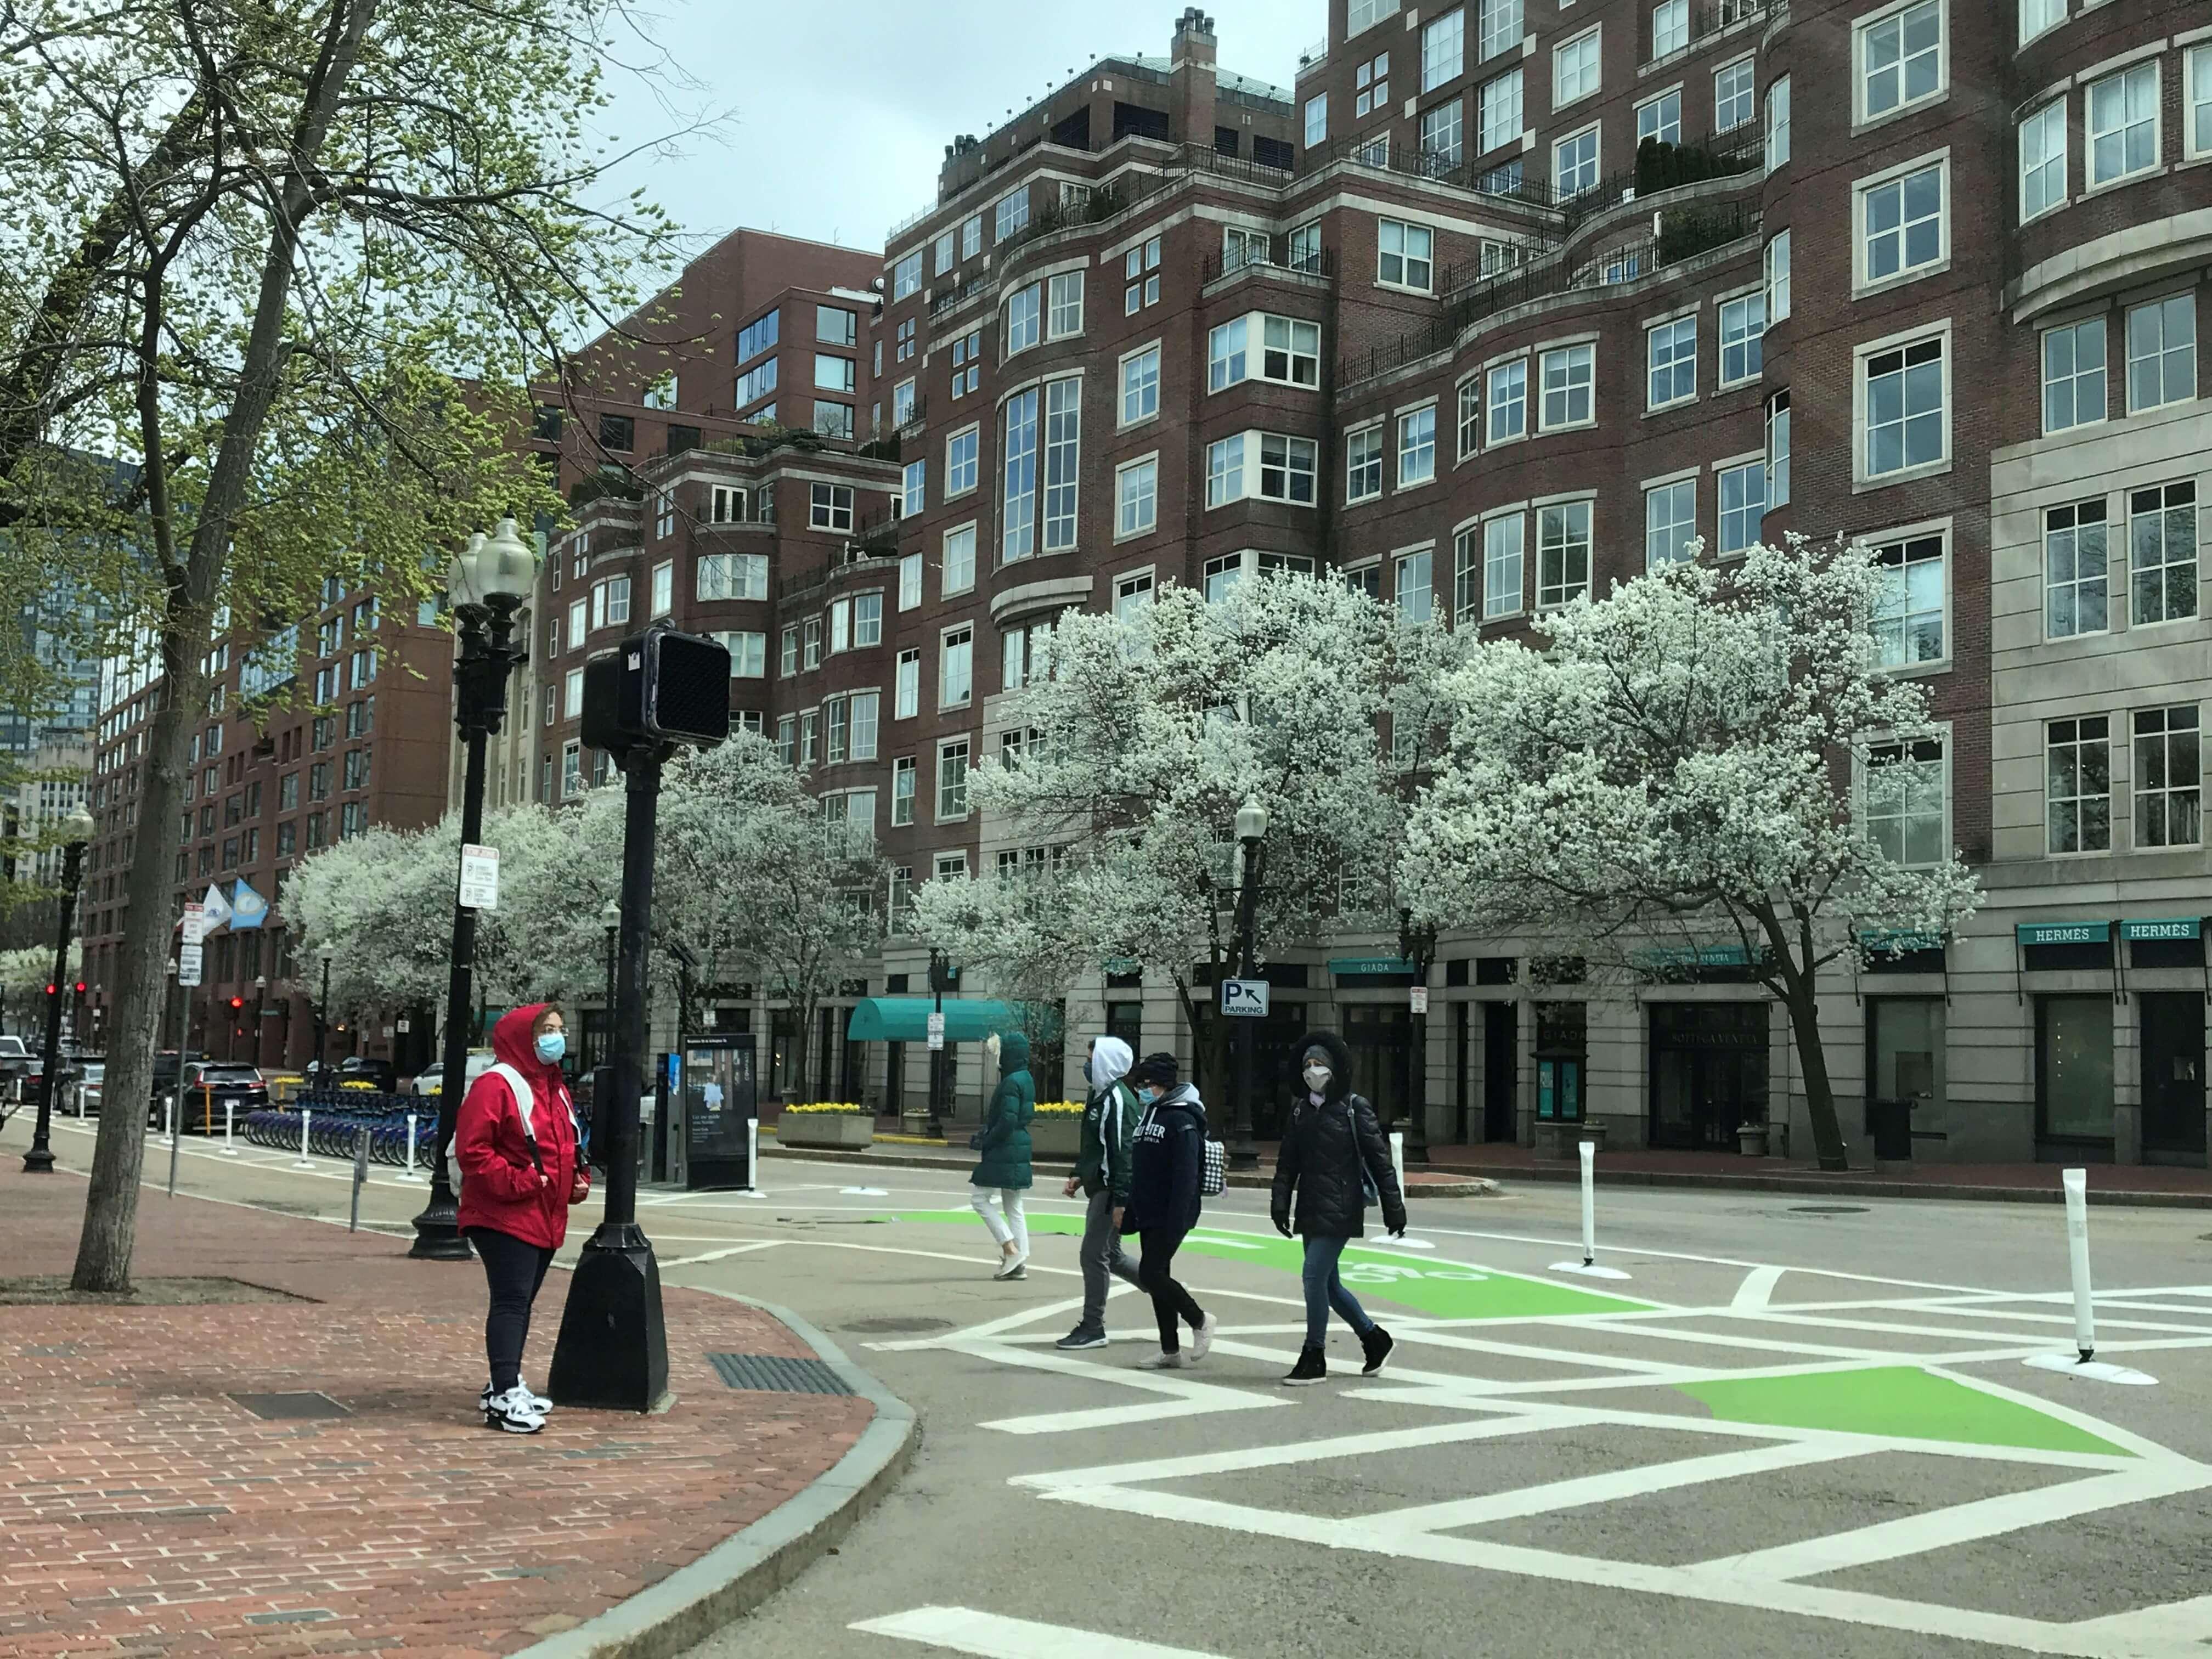 波士顿开放新的社区清洁空气赠款申请 鼓励提出减少空气污染和碳排放的建议